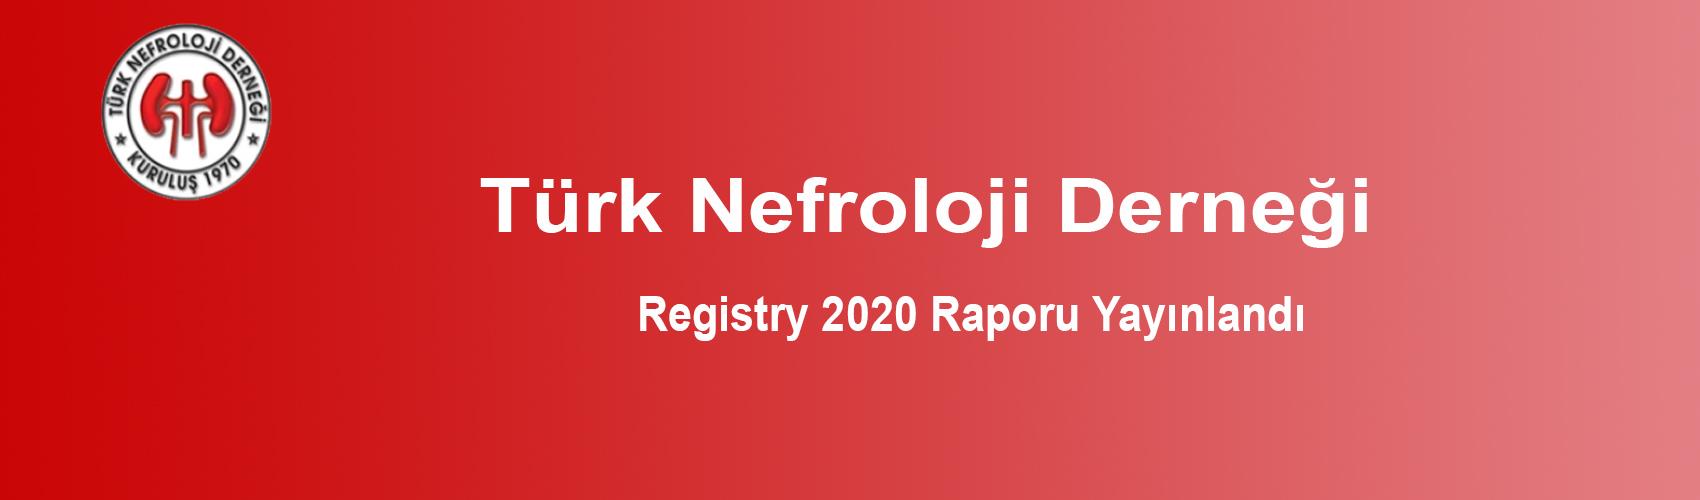 Türk Nefroloji Derneği Slide: Registry 2020 Raporu Yayınlandı